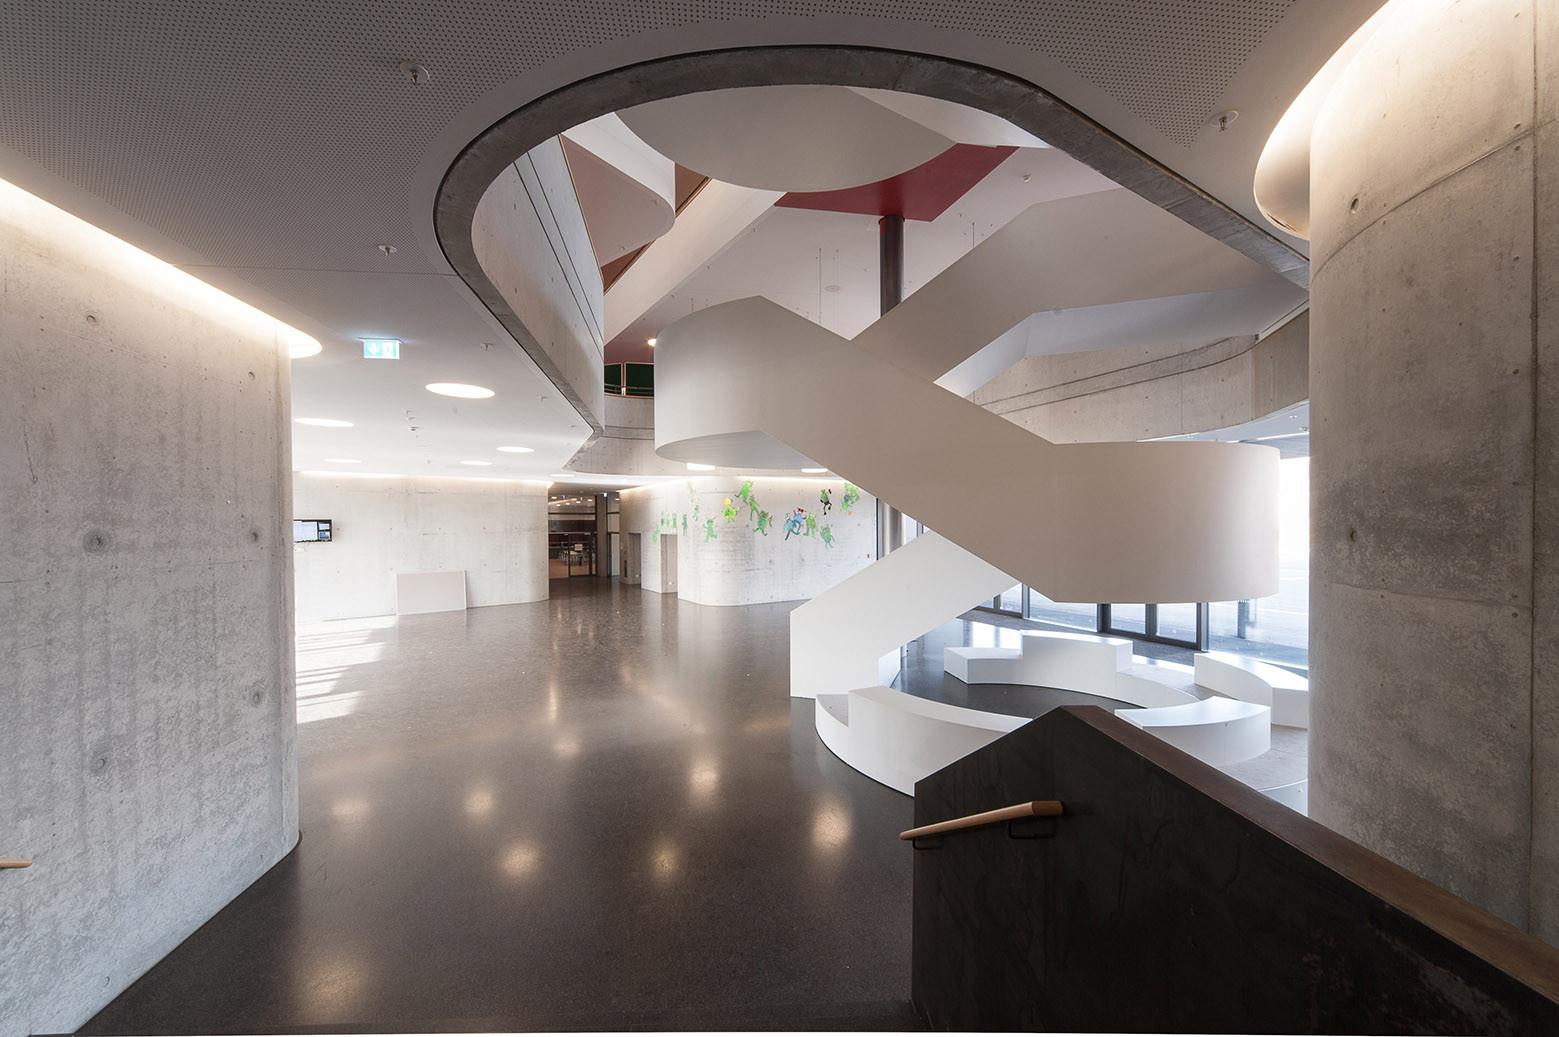 Architekten Konstanz gallery of learning centre biberach lanz schwager architekten 35